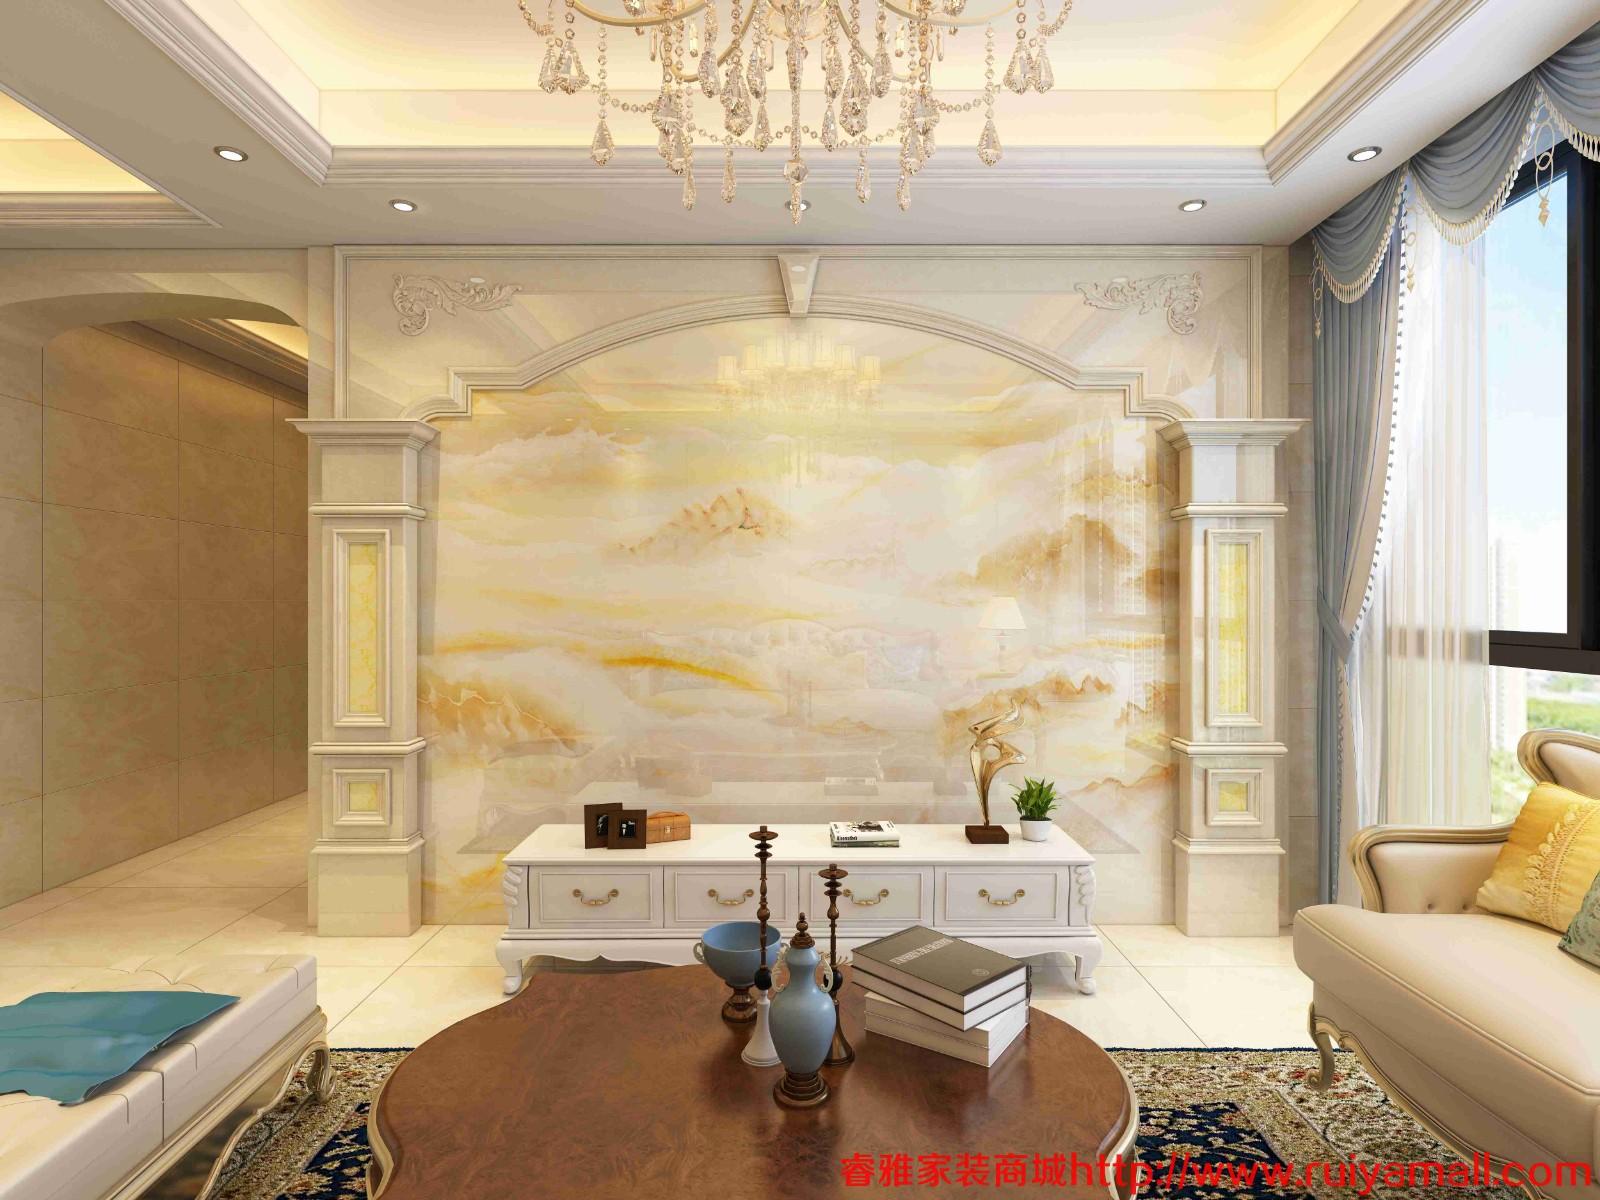 电视背景墙瓷砖现代简约客厅3D微晶石石材边框装饰造型石材护墙板-套餐6